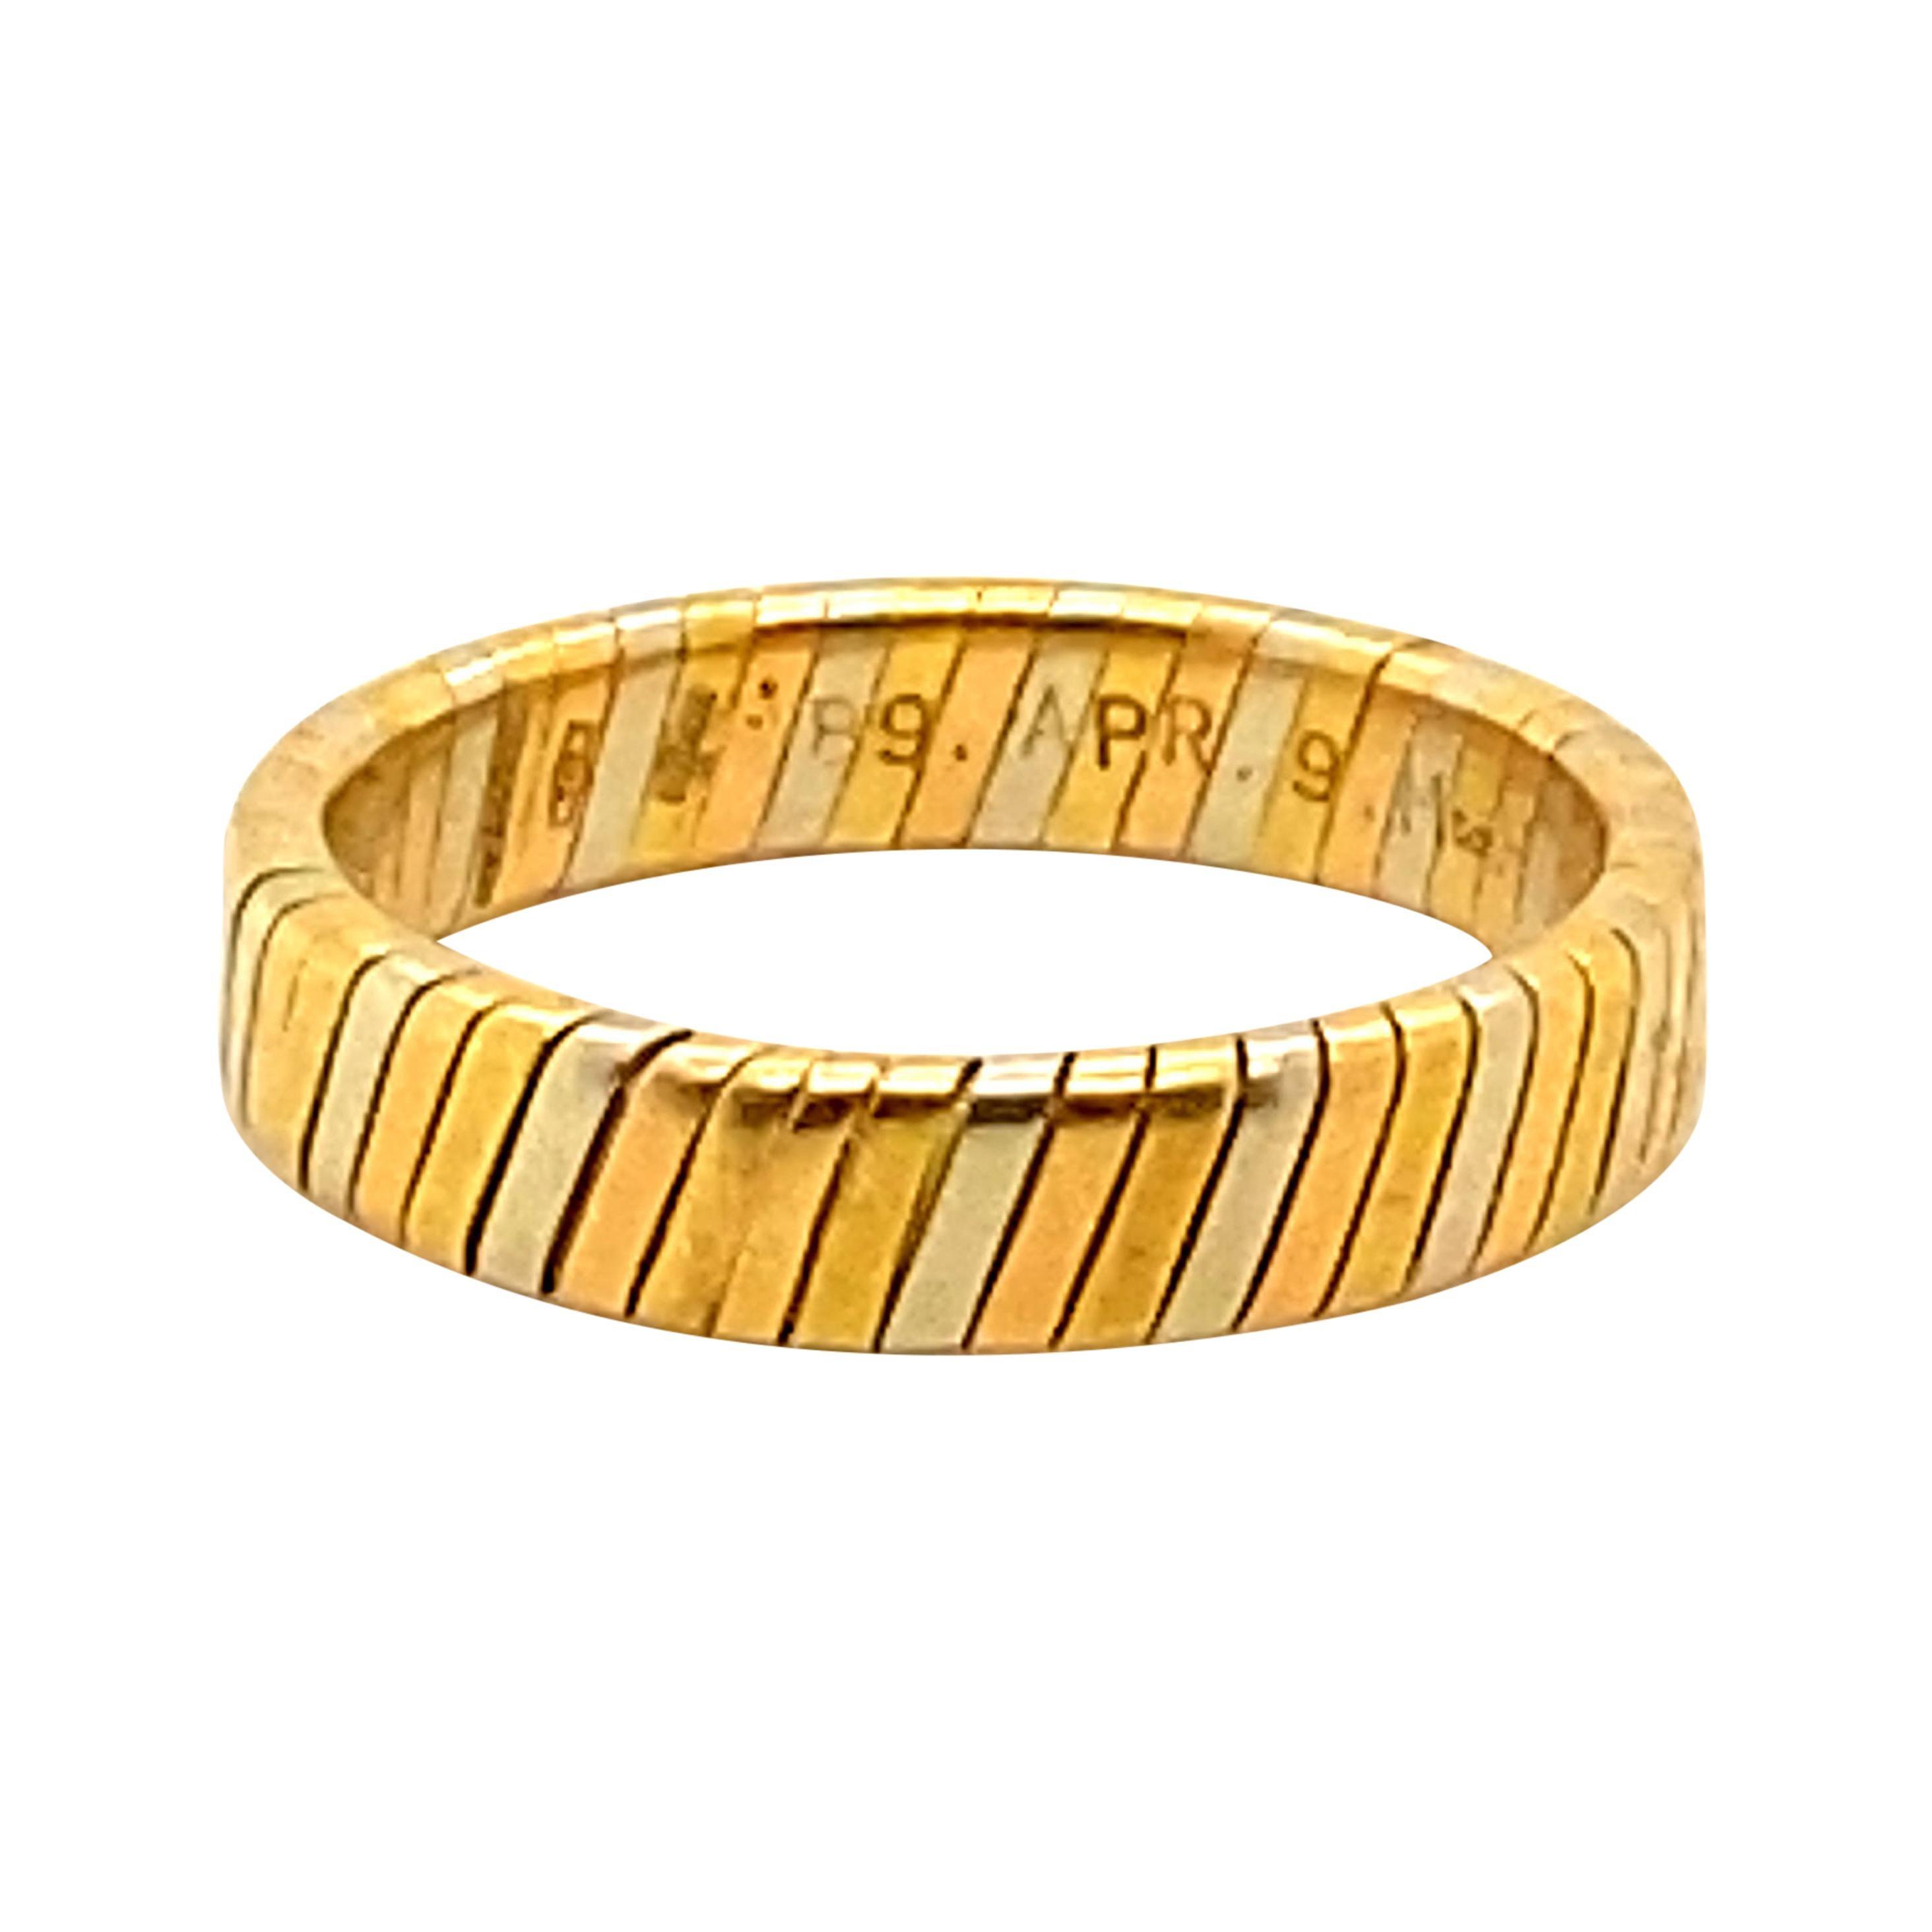 Bvlgari 18k Gold Ring Size 9